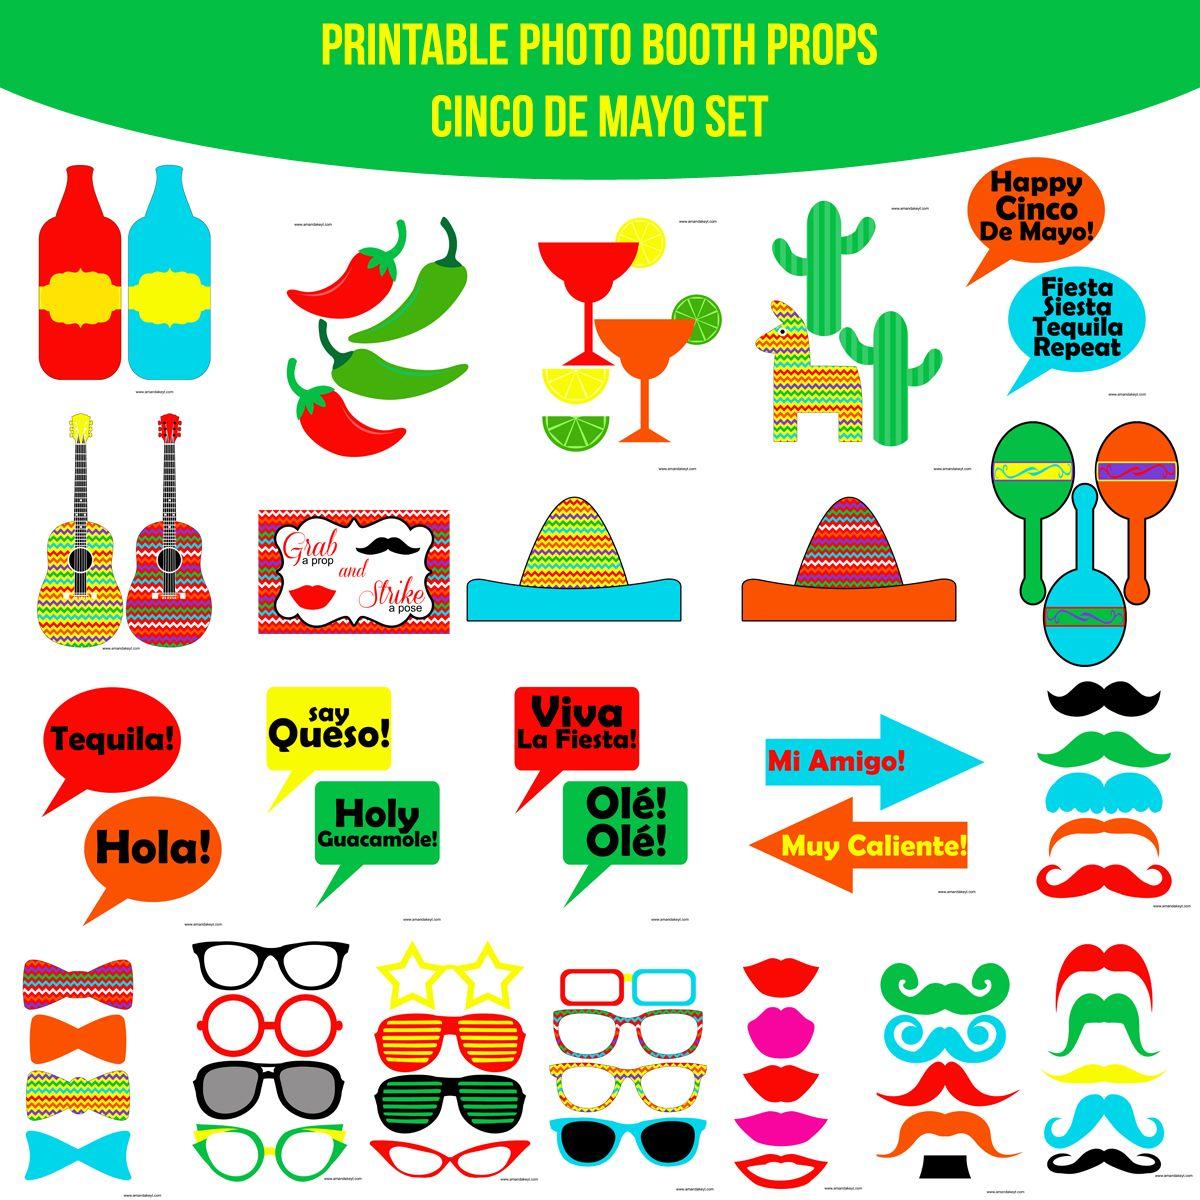 Instant Download Cinco De Mayo Printable Photo Booth Prop Set